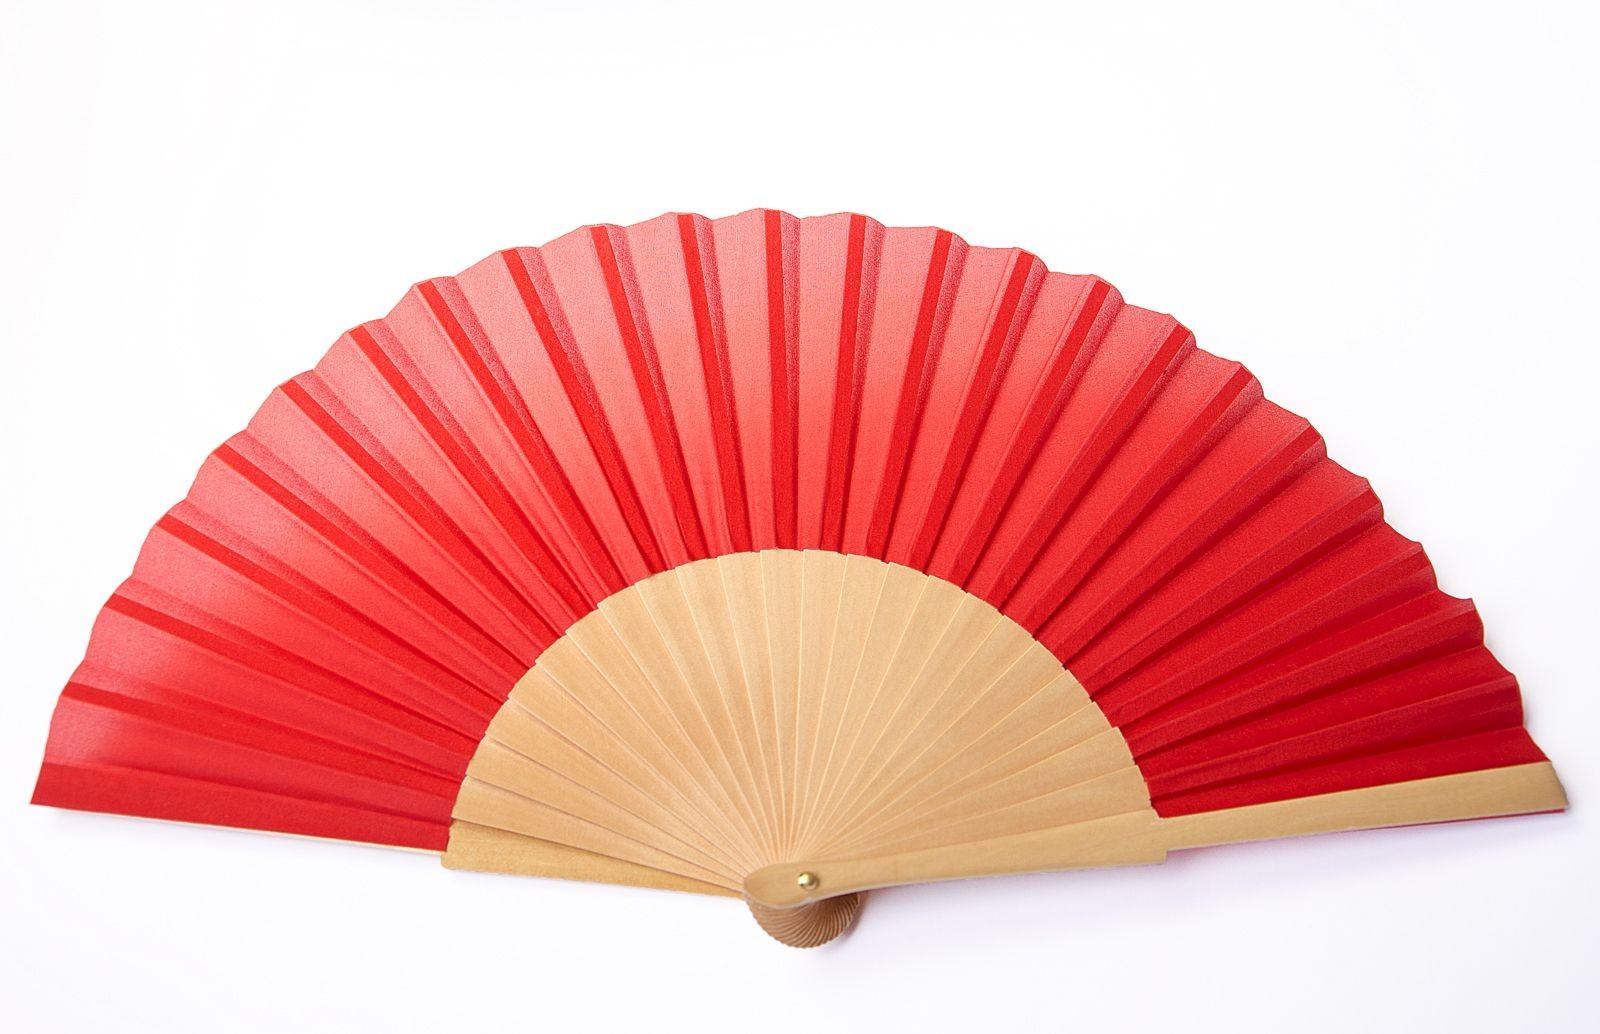 Eventail de soie en habotai 8 (en France, généralement appelé pongé 9) enrouge et monture de bois de sycomore de 22cm de haut et 42cm de large. Monté en Espagne